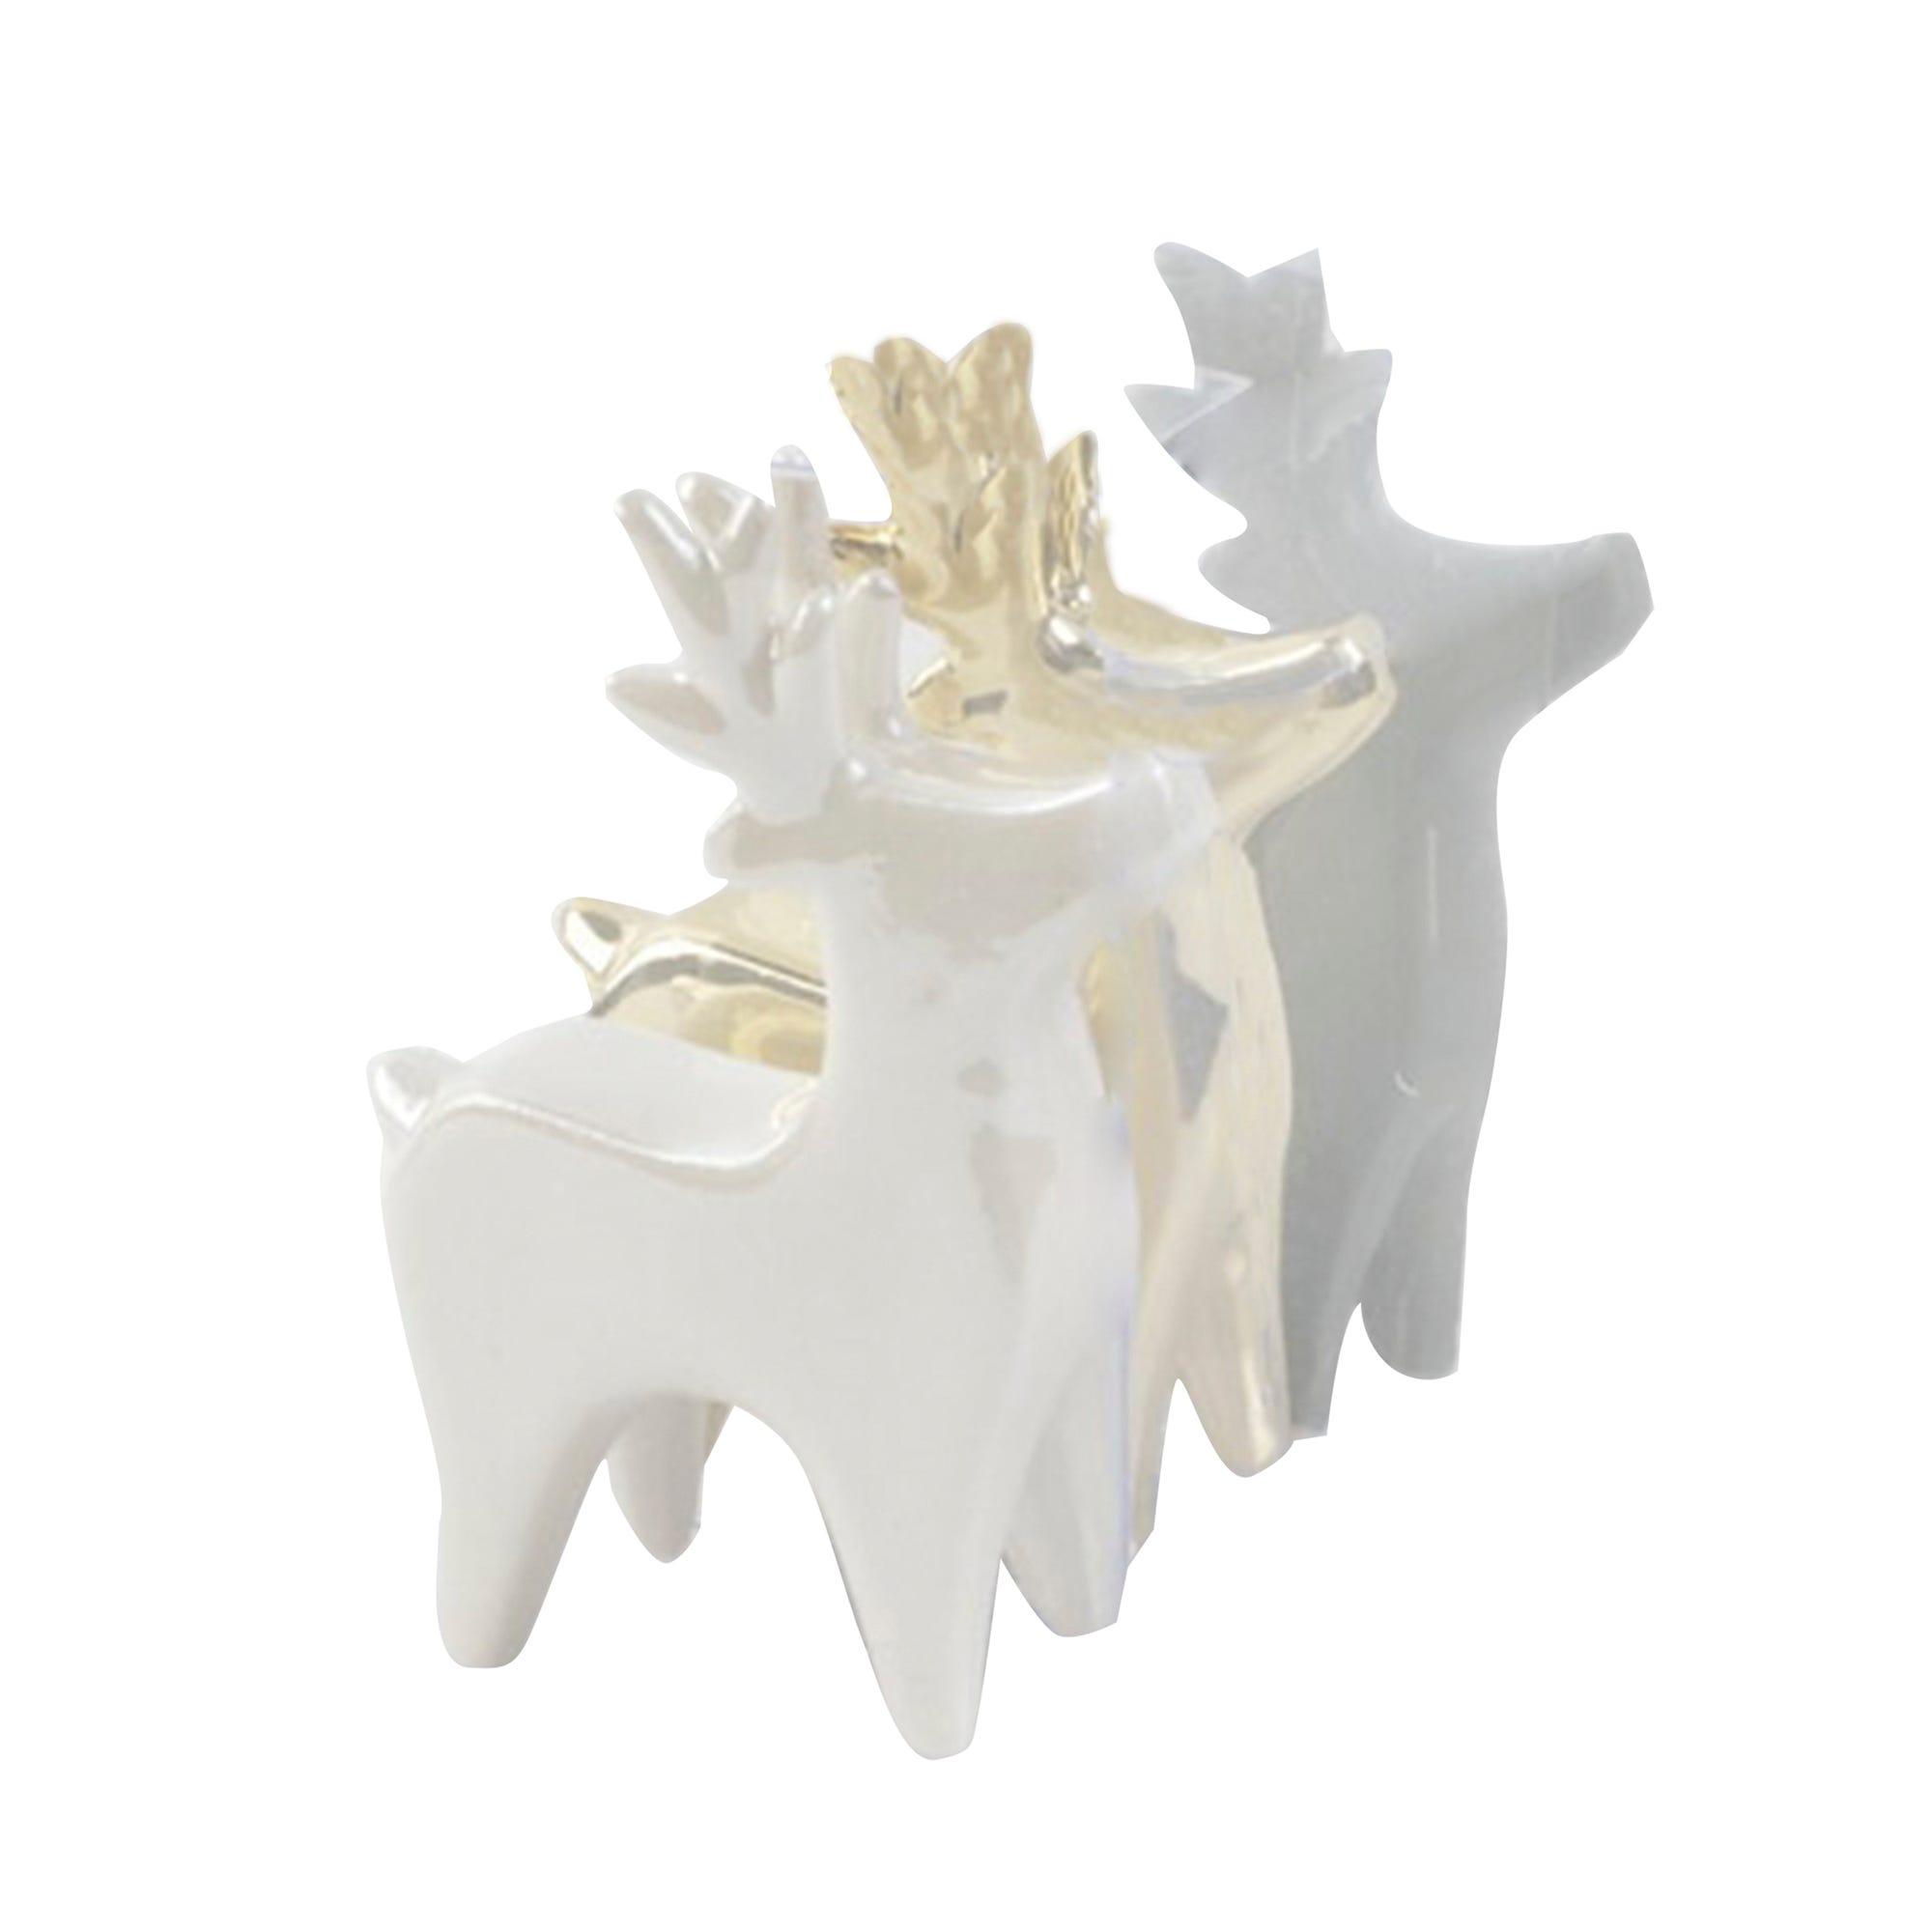 Renos decorativos de cerámica en blanco, Set de 3